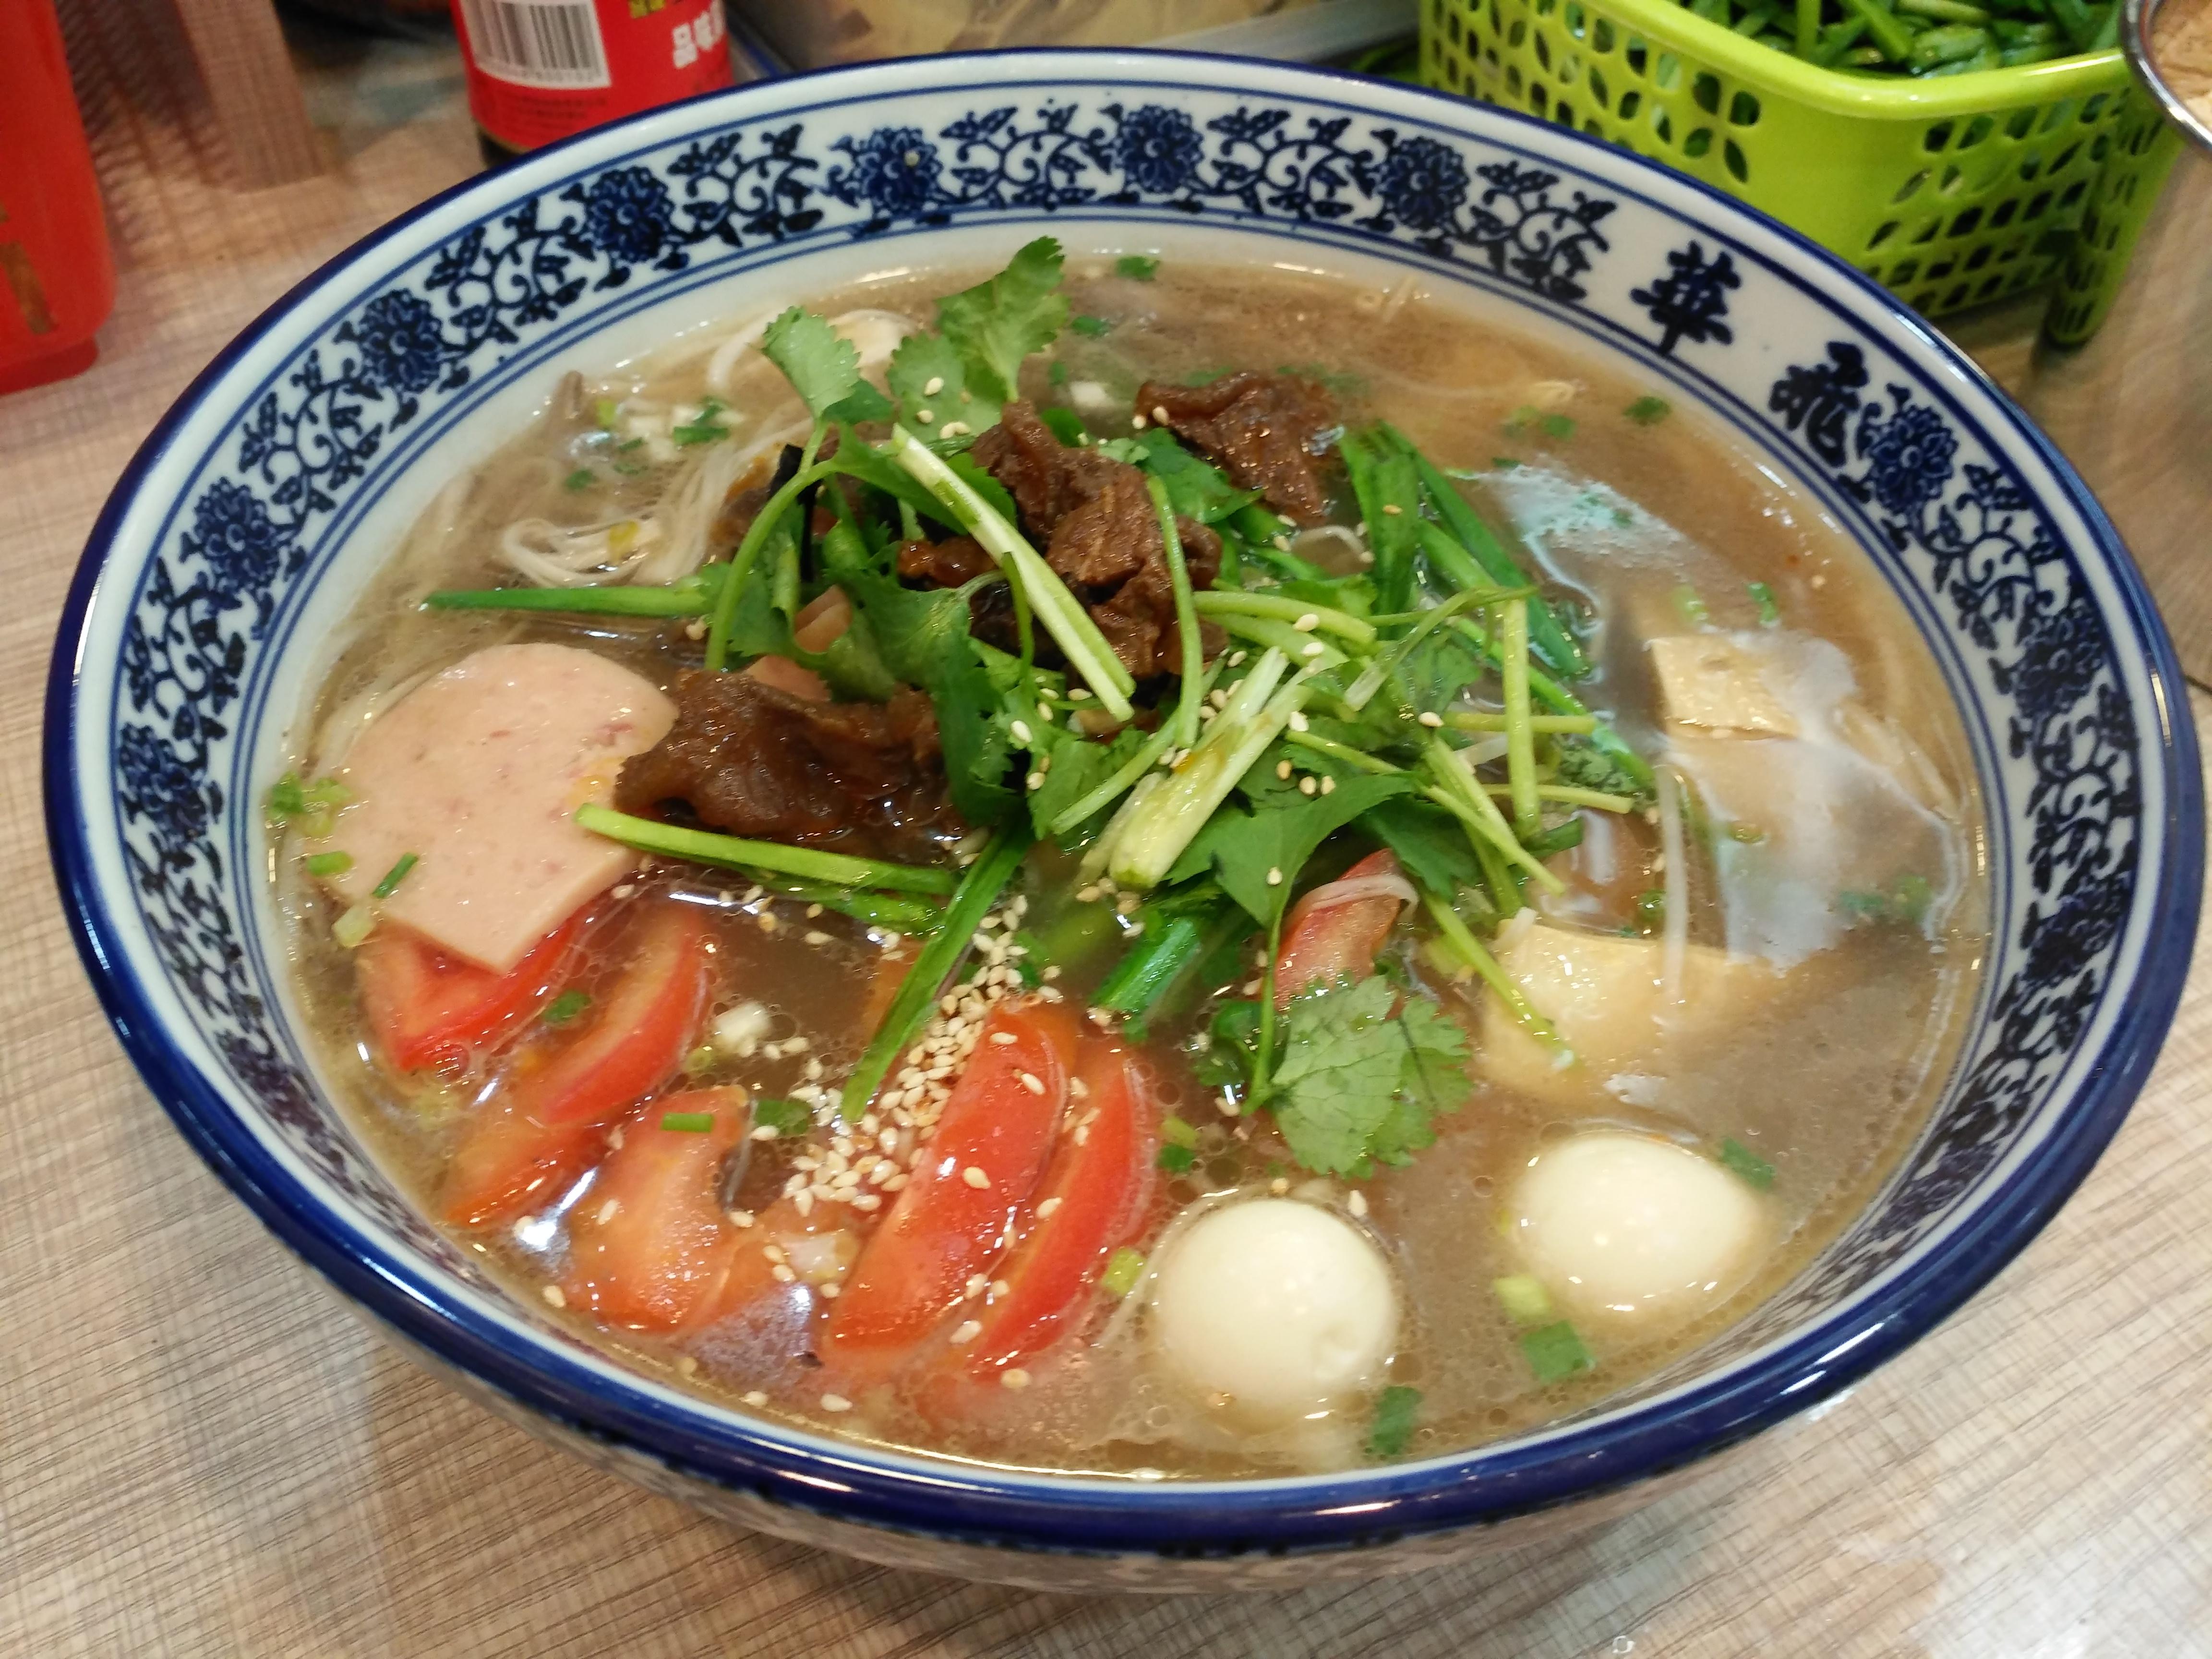 火锅米线------考生能量餐之十二_手机搜狐网